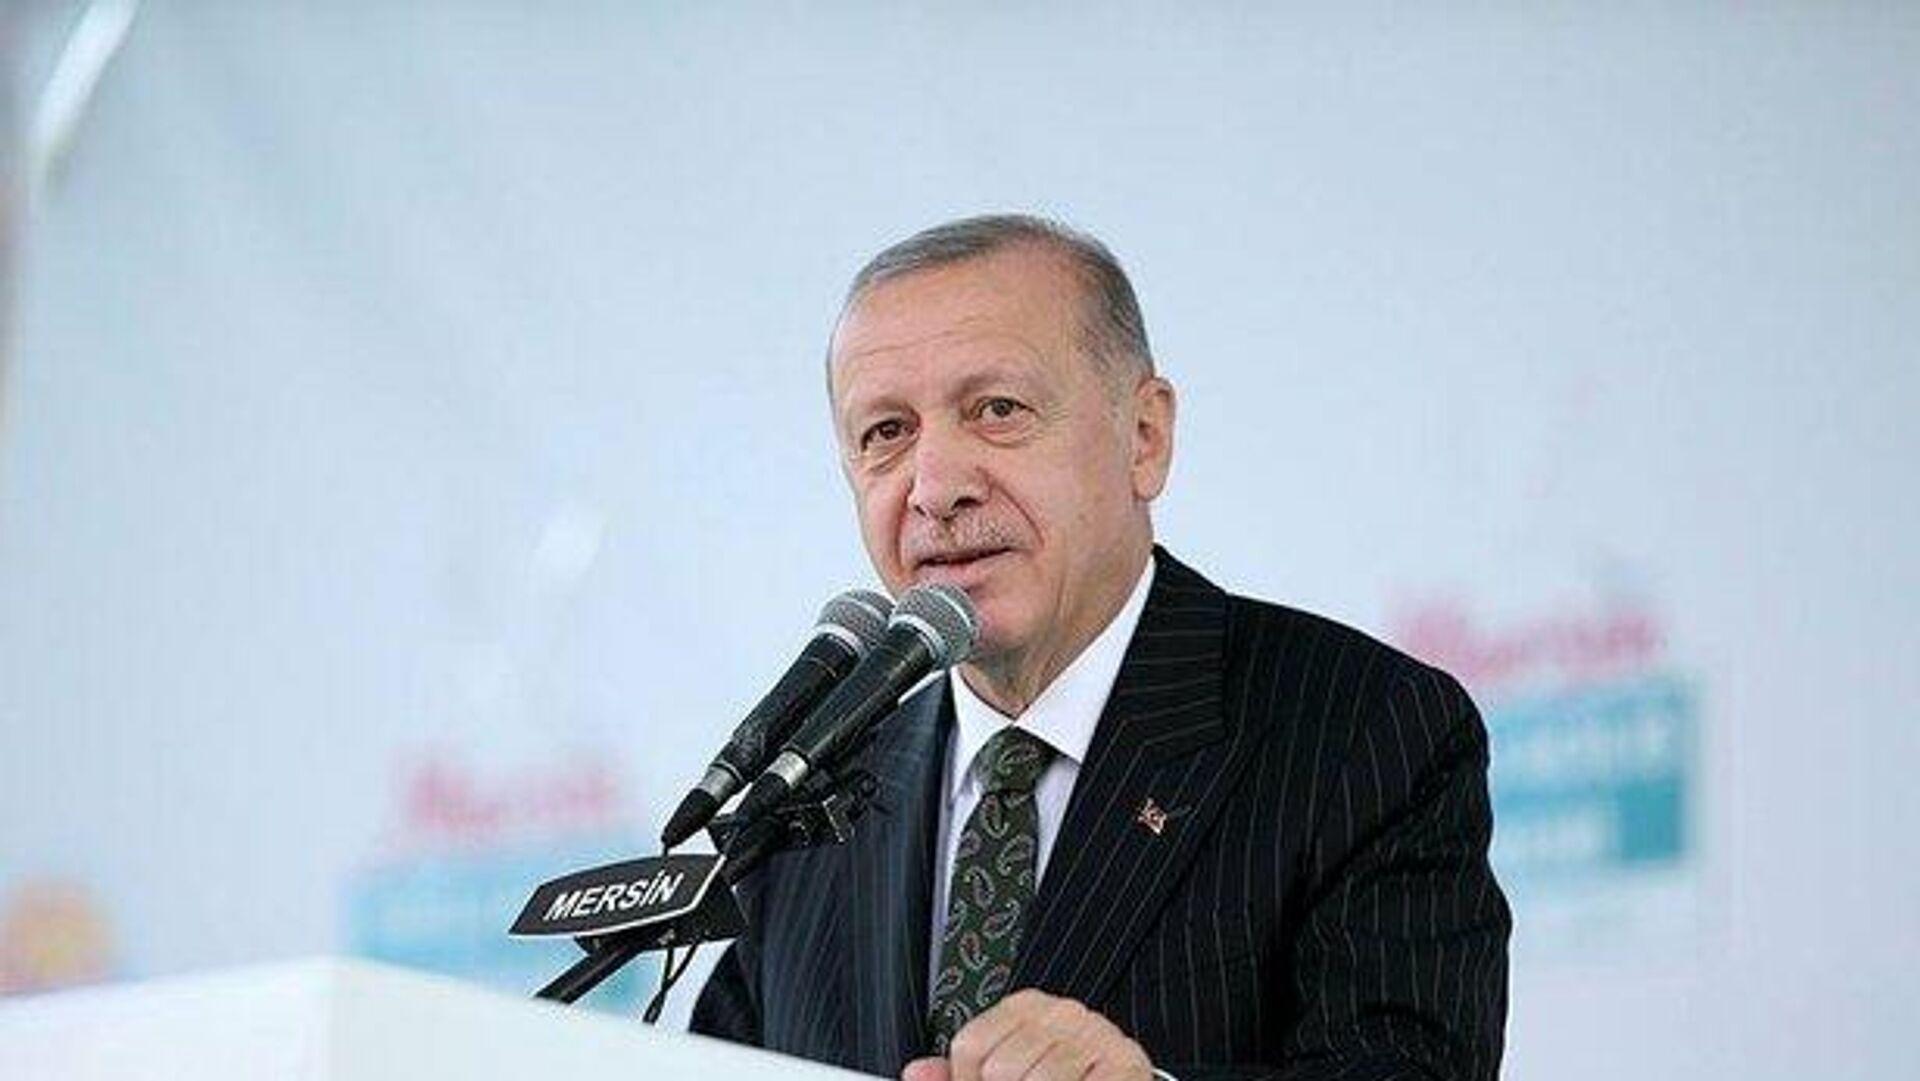 Cumhurbaşkanı Erdoğan: Akkuyu Nükleer Santrali'nin 1. ünitesi 2023 Mayıs'ta  tamamlanacak - Sputnik Türkiye, 1920, 17.09.2021